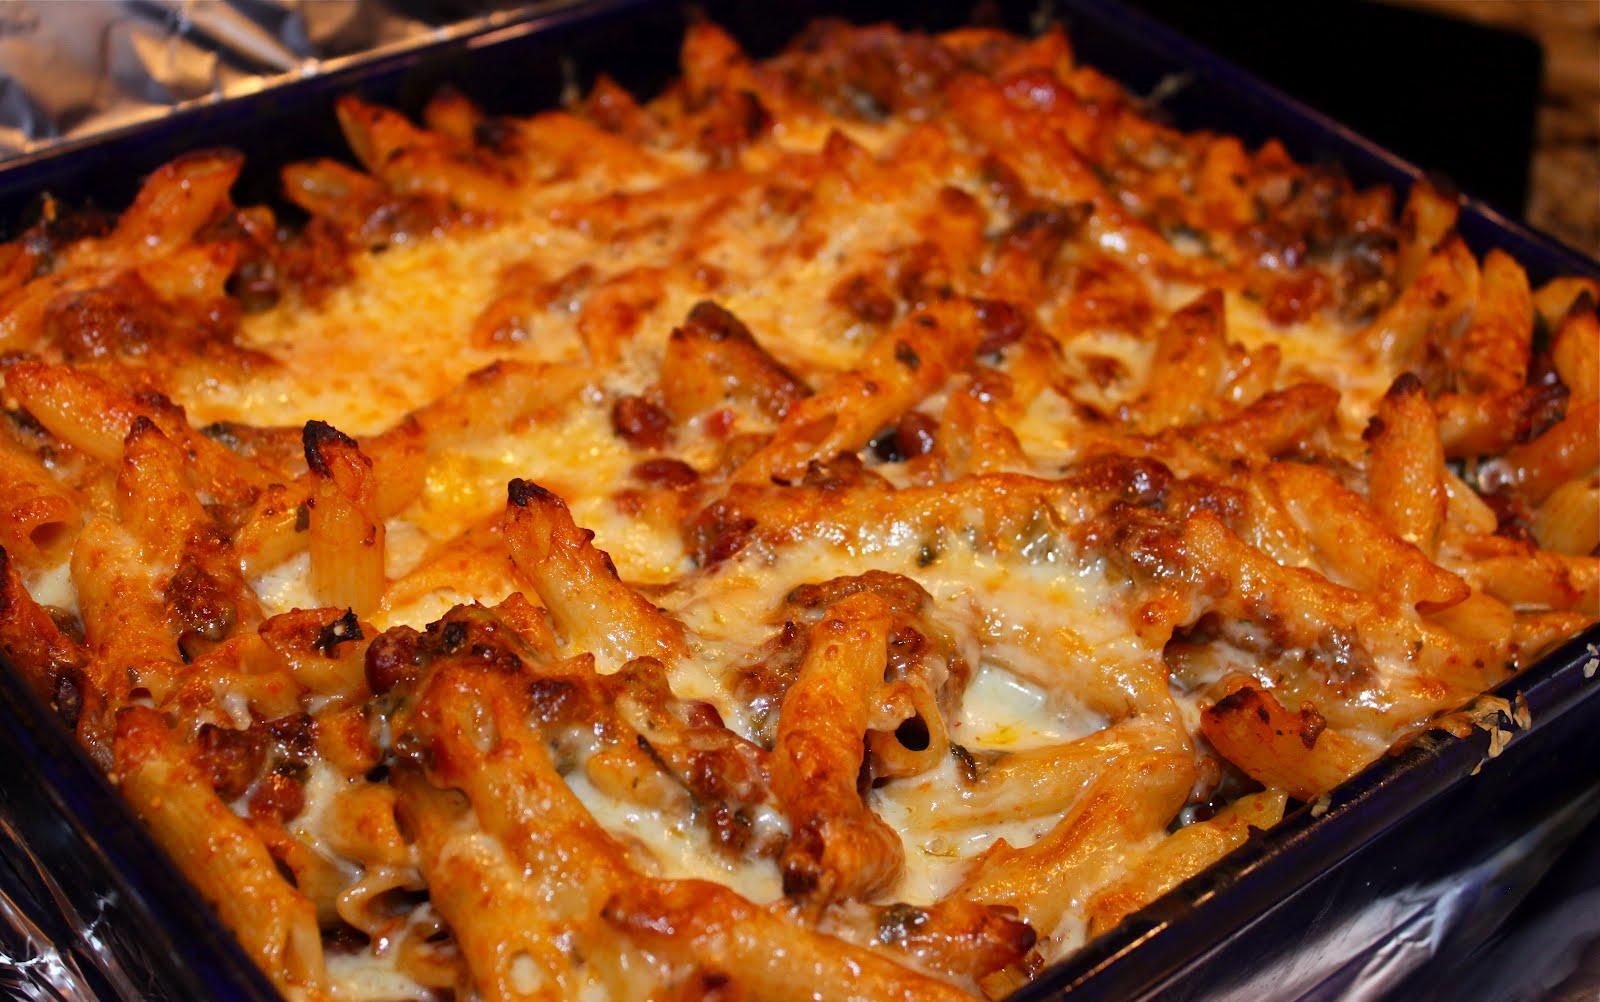 ... pasta bake frankie pasta bake vegetable pasta bake pasta bake